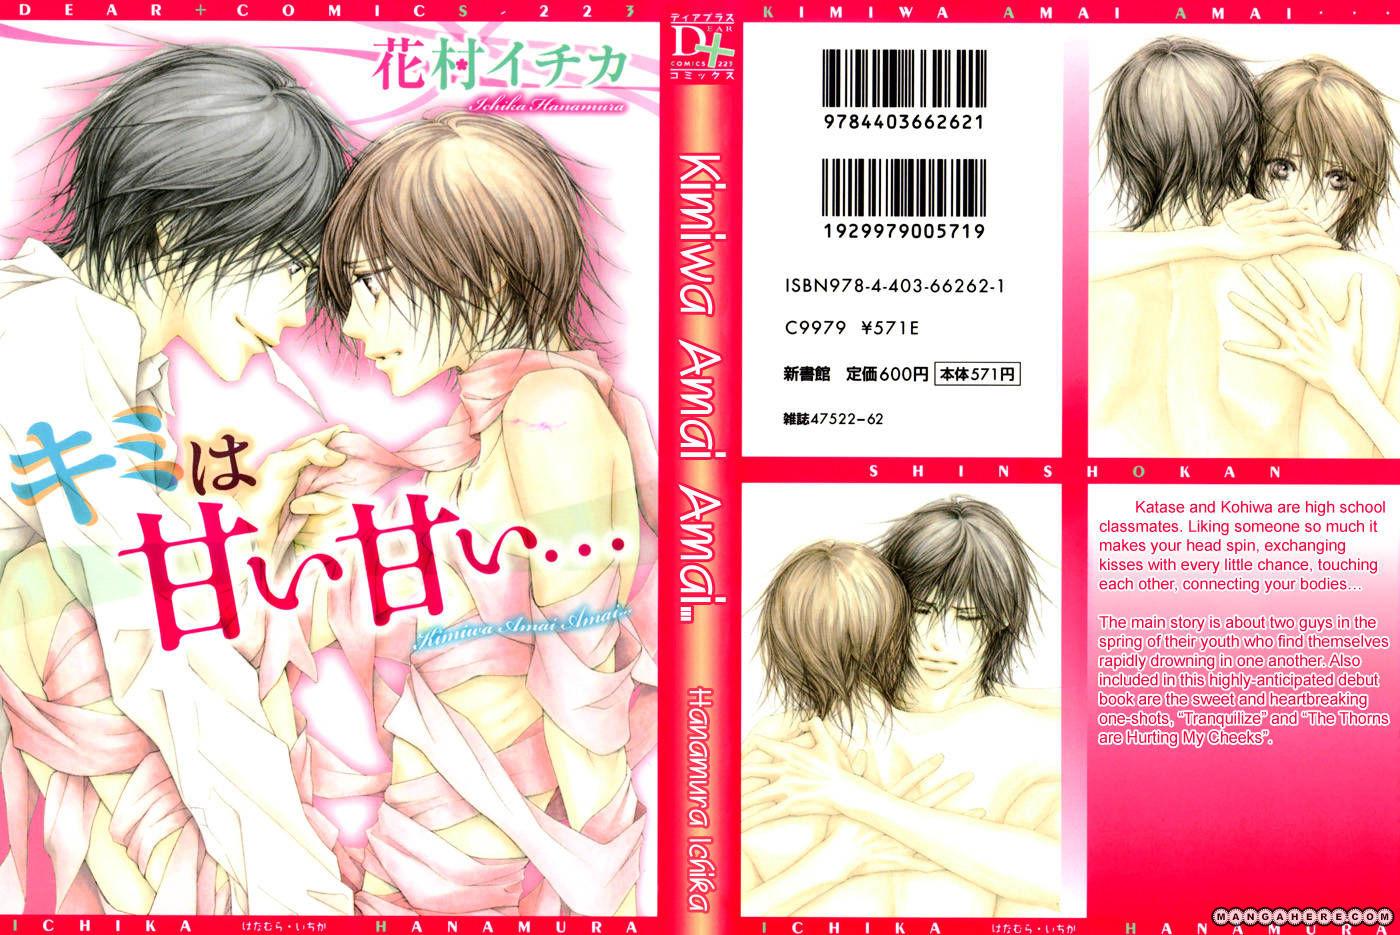 Kimi wa Amai Amai... 1 Page 1